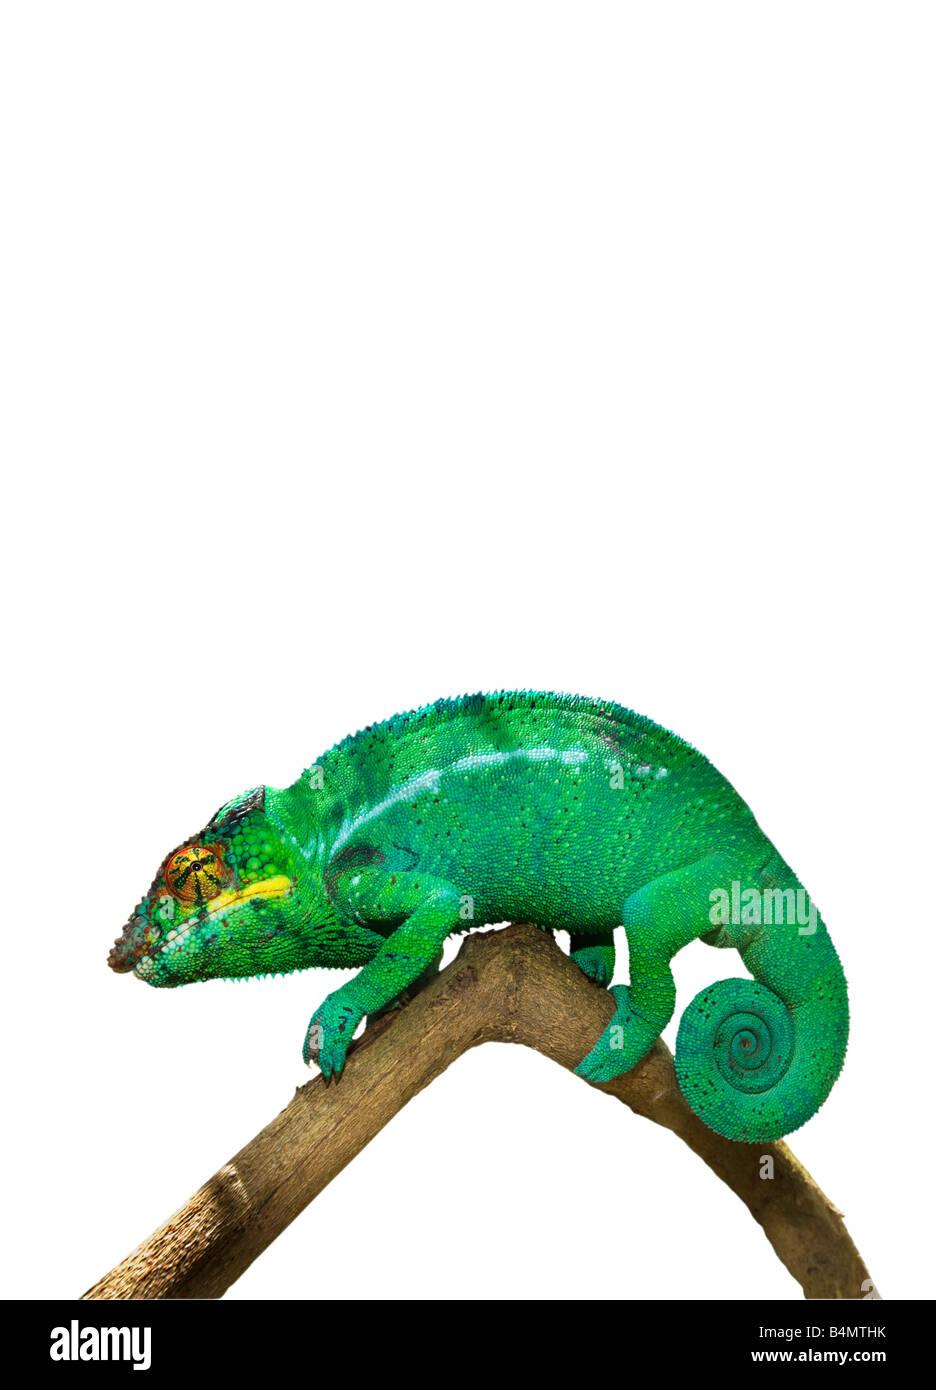 1 eine einzelnes grüne weiße Madagaskar (FURCIFER pardalis) männlichen Chamäleon auf einfarbigen Stockbild